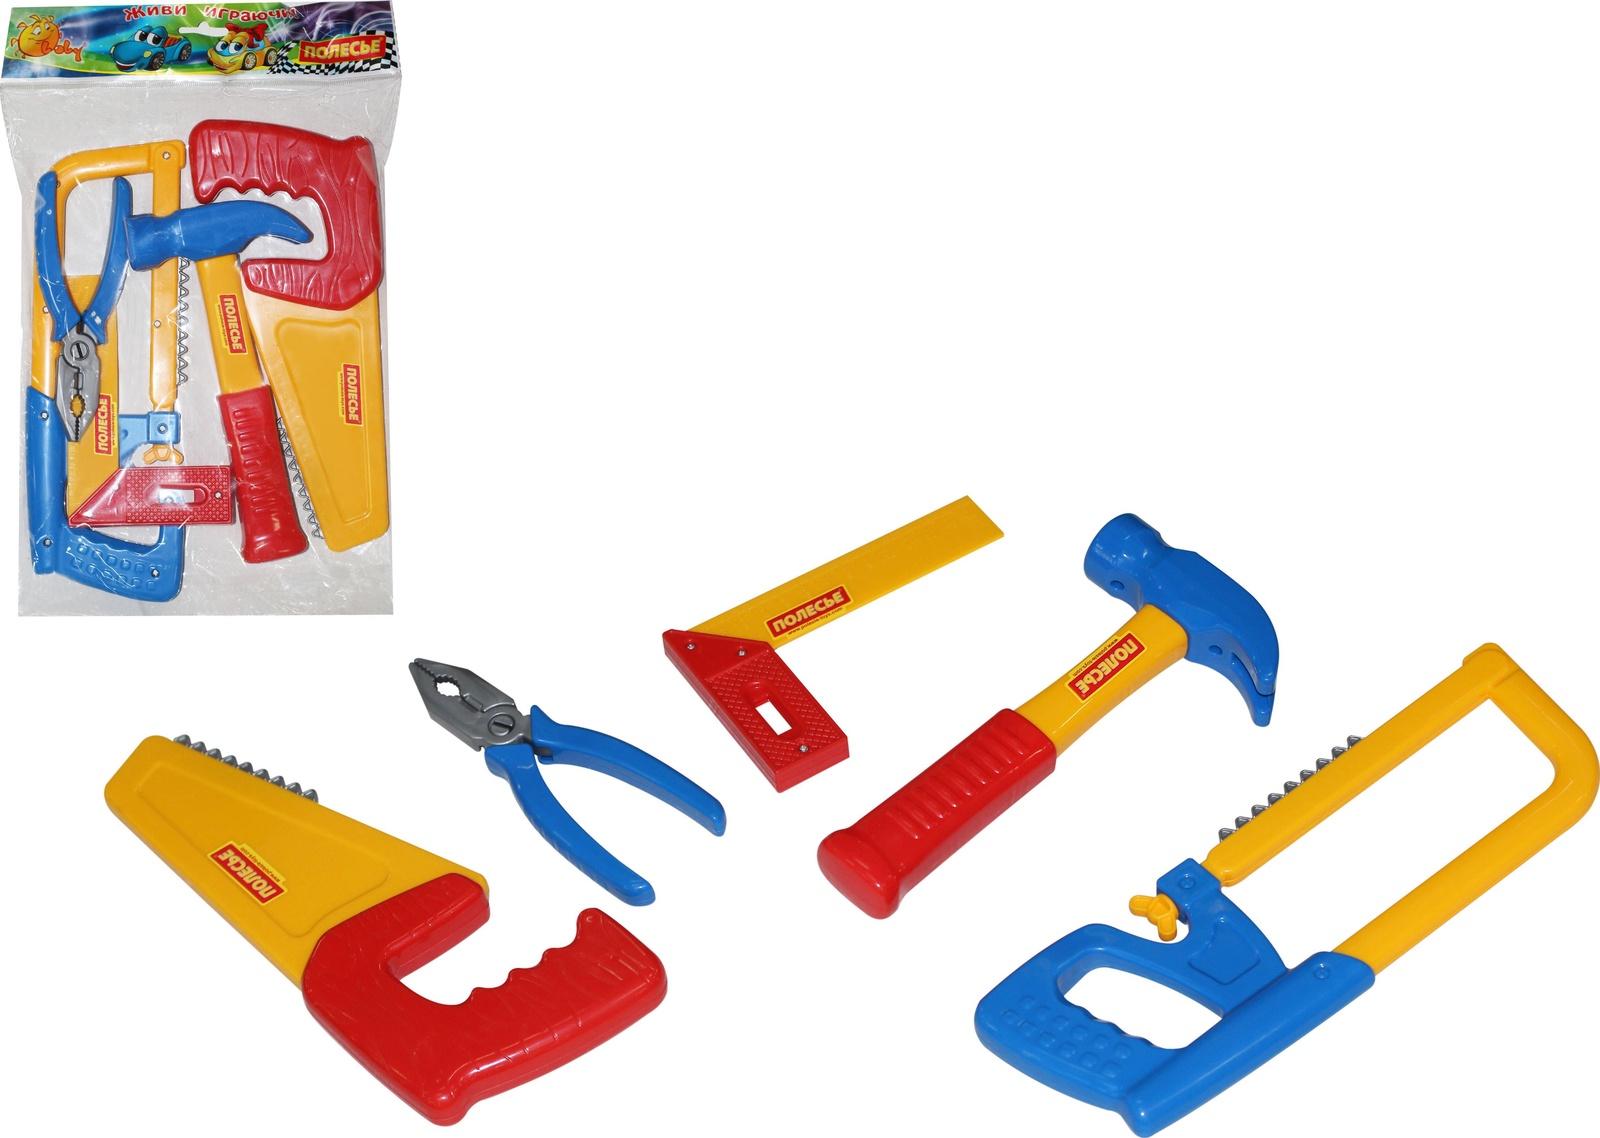 Набор инструментов Polesie №11, 53763_PLS, желтый, синий, красный цена и фото